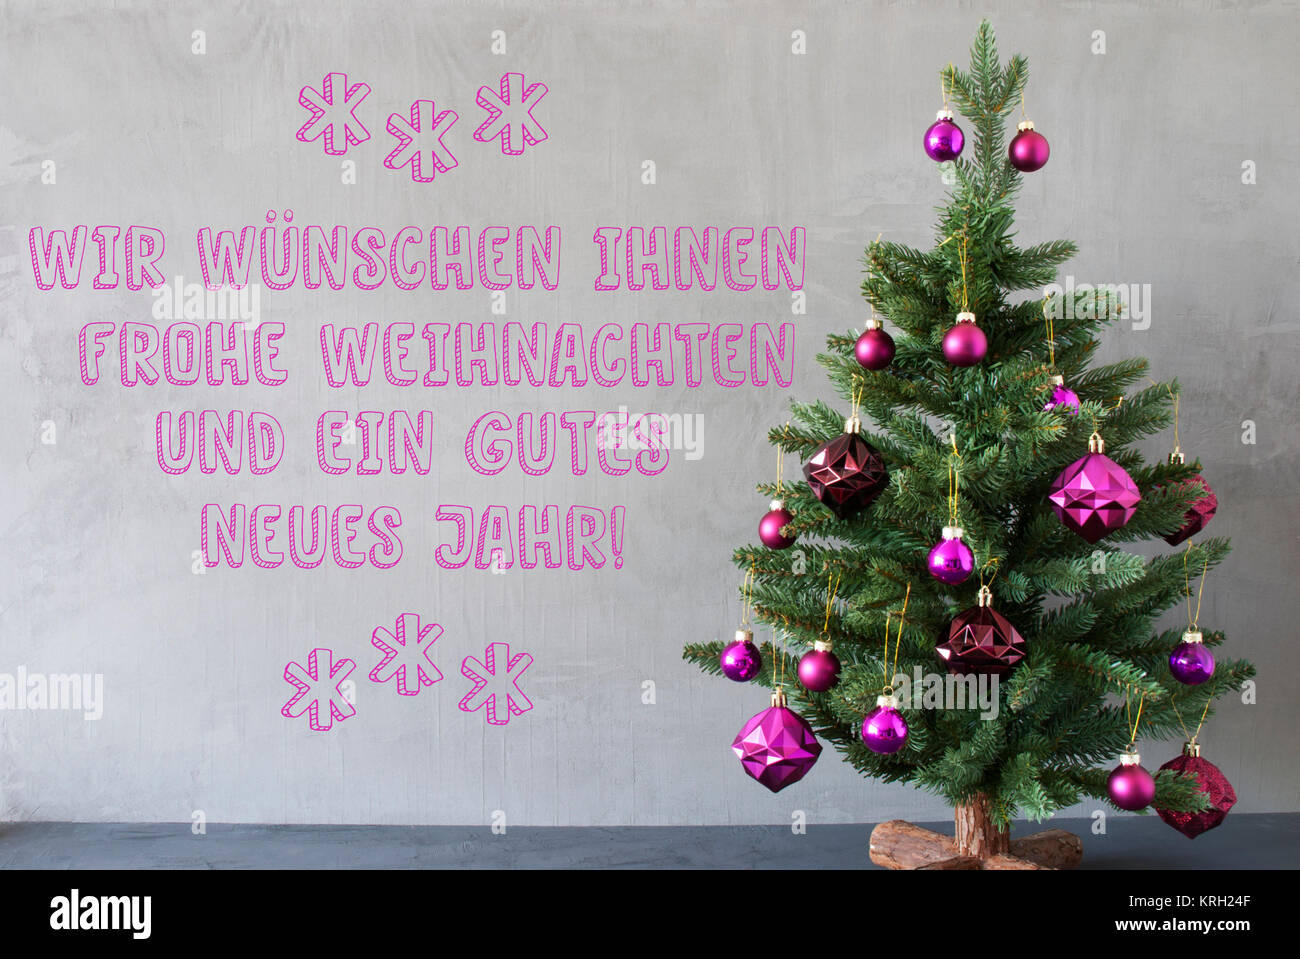 Frohe Weihnachten Und Happy New Year.German Text Frohe Weihnachten Und Gutes Neues Jahr Means Merry Stock